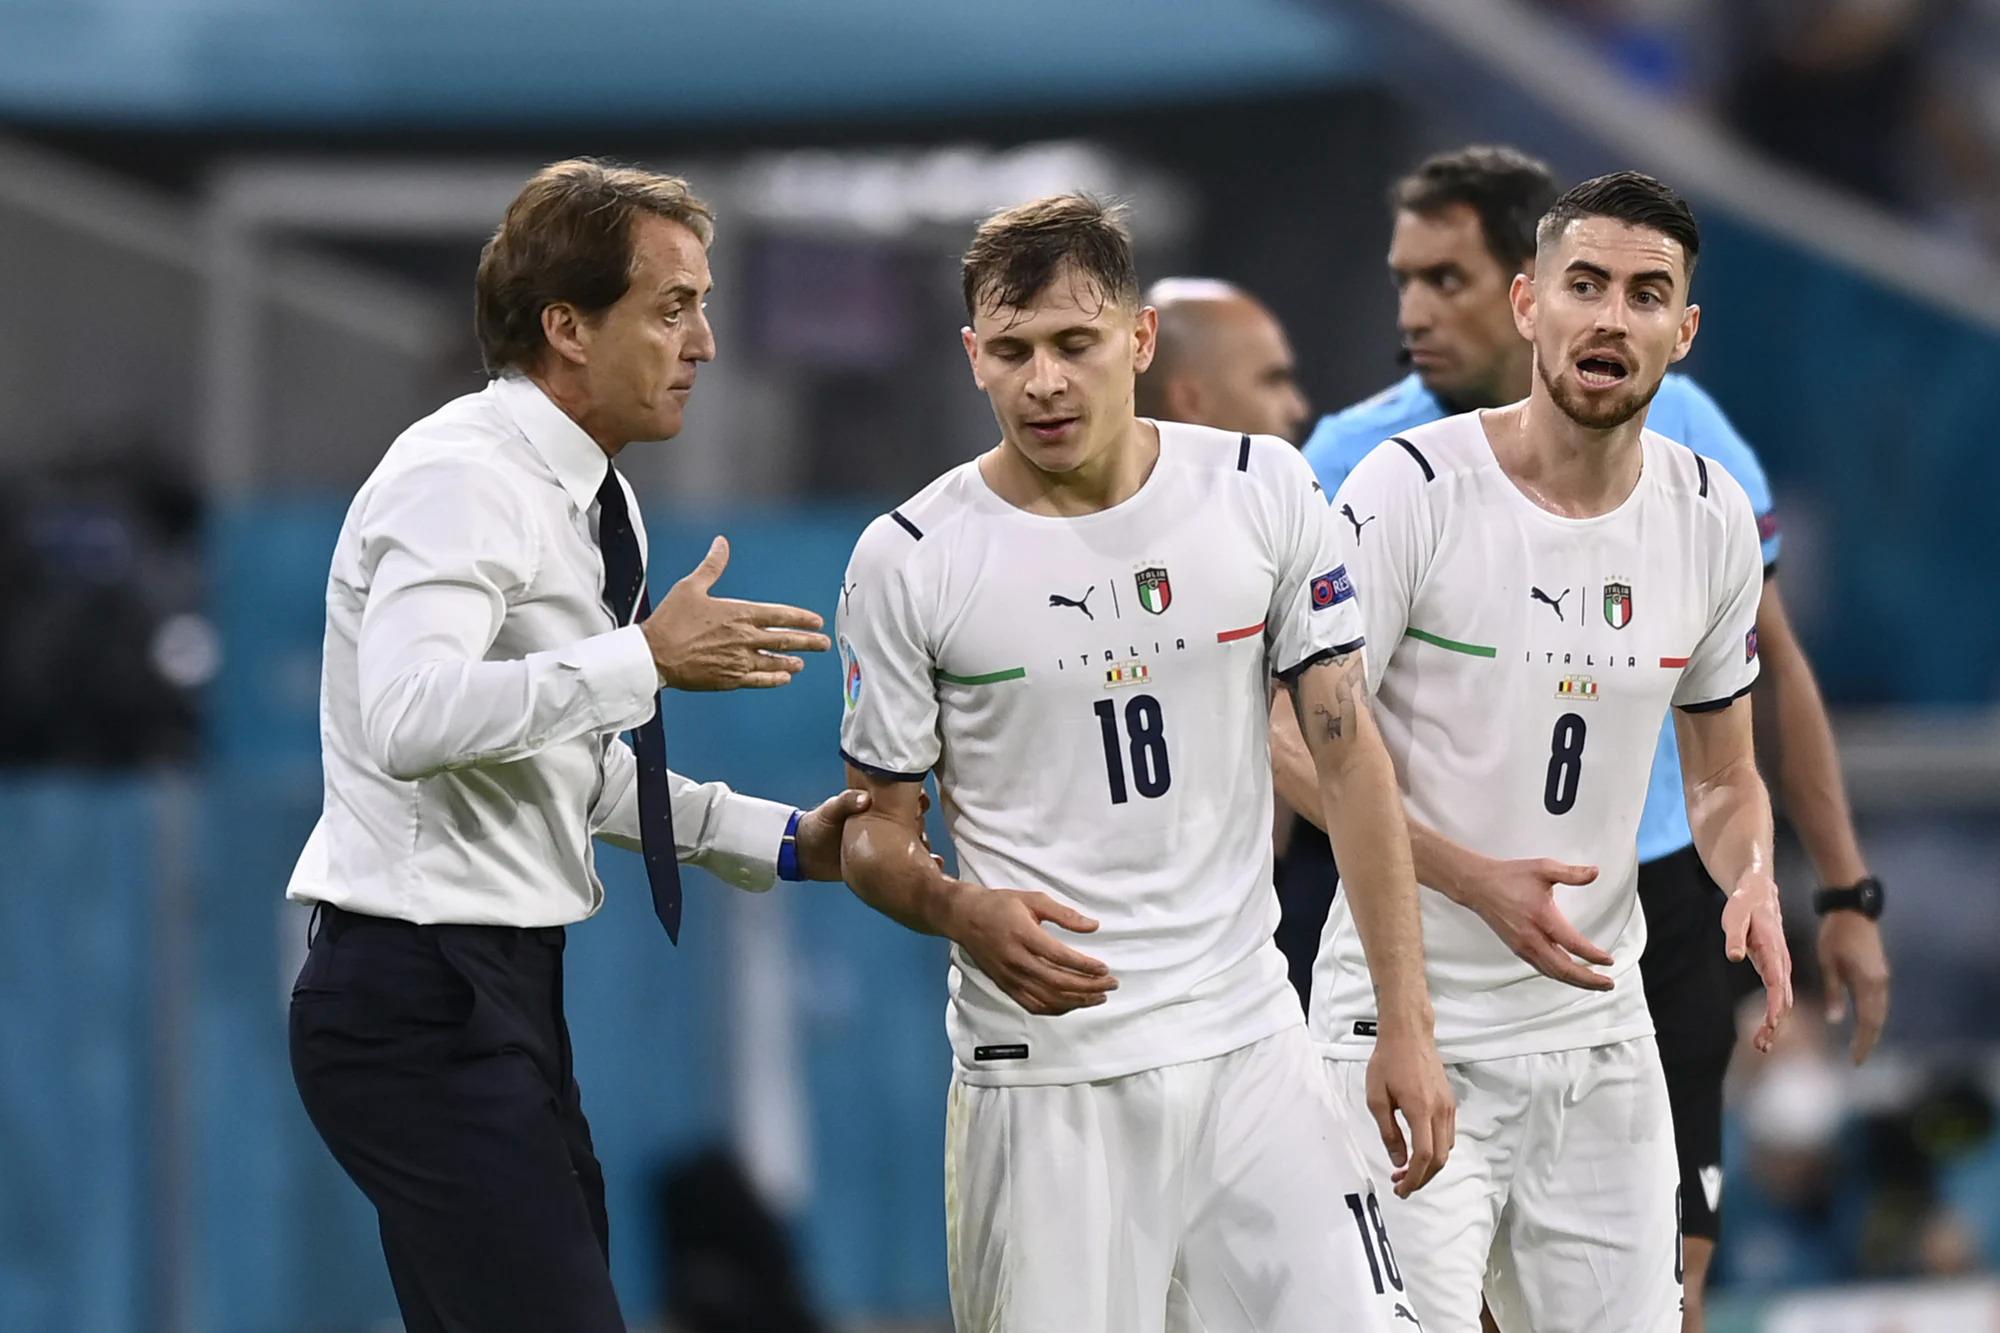 Mancini luôn muốn các học trò thoải mái biểu đạt hết năng lực chơi bóng của họ, thay vì gò ép họ vào những hệ thống, chiến thuật khuôn sáo, cứng nhắc. Ảnh: Lapresse